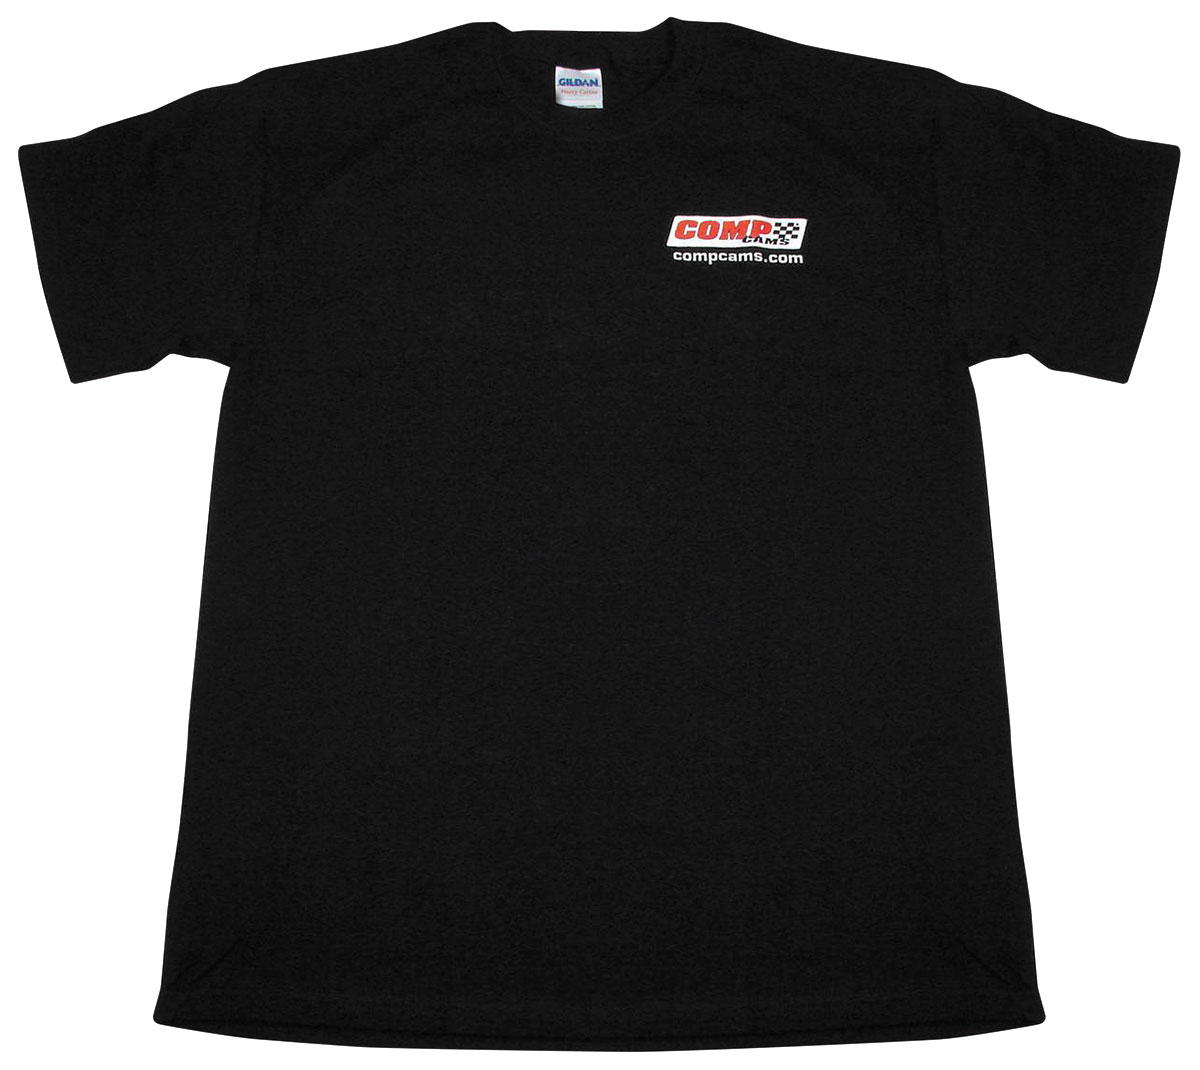 Shirt, Comp Cams Logo, Black